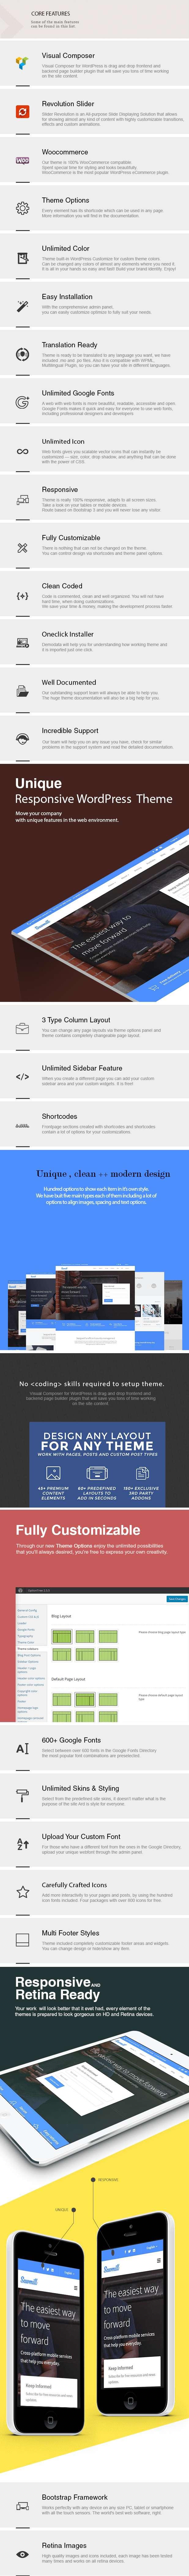 Sawmill - WordPress Product Marketing Landing Page Theme